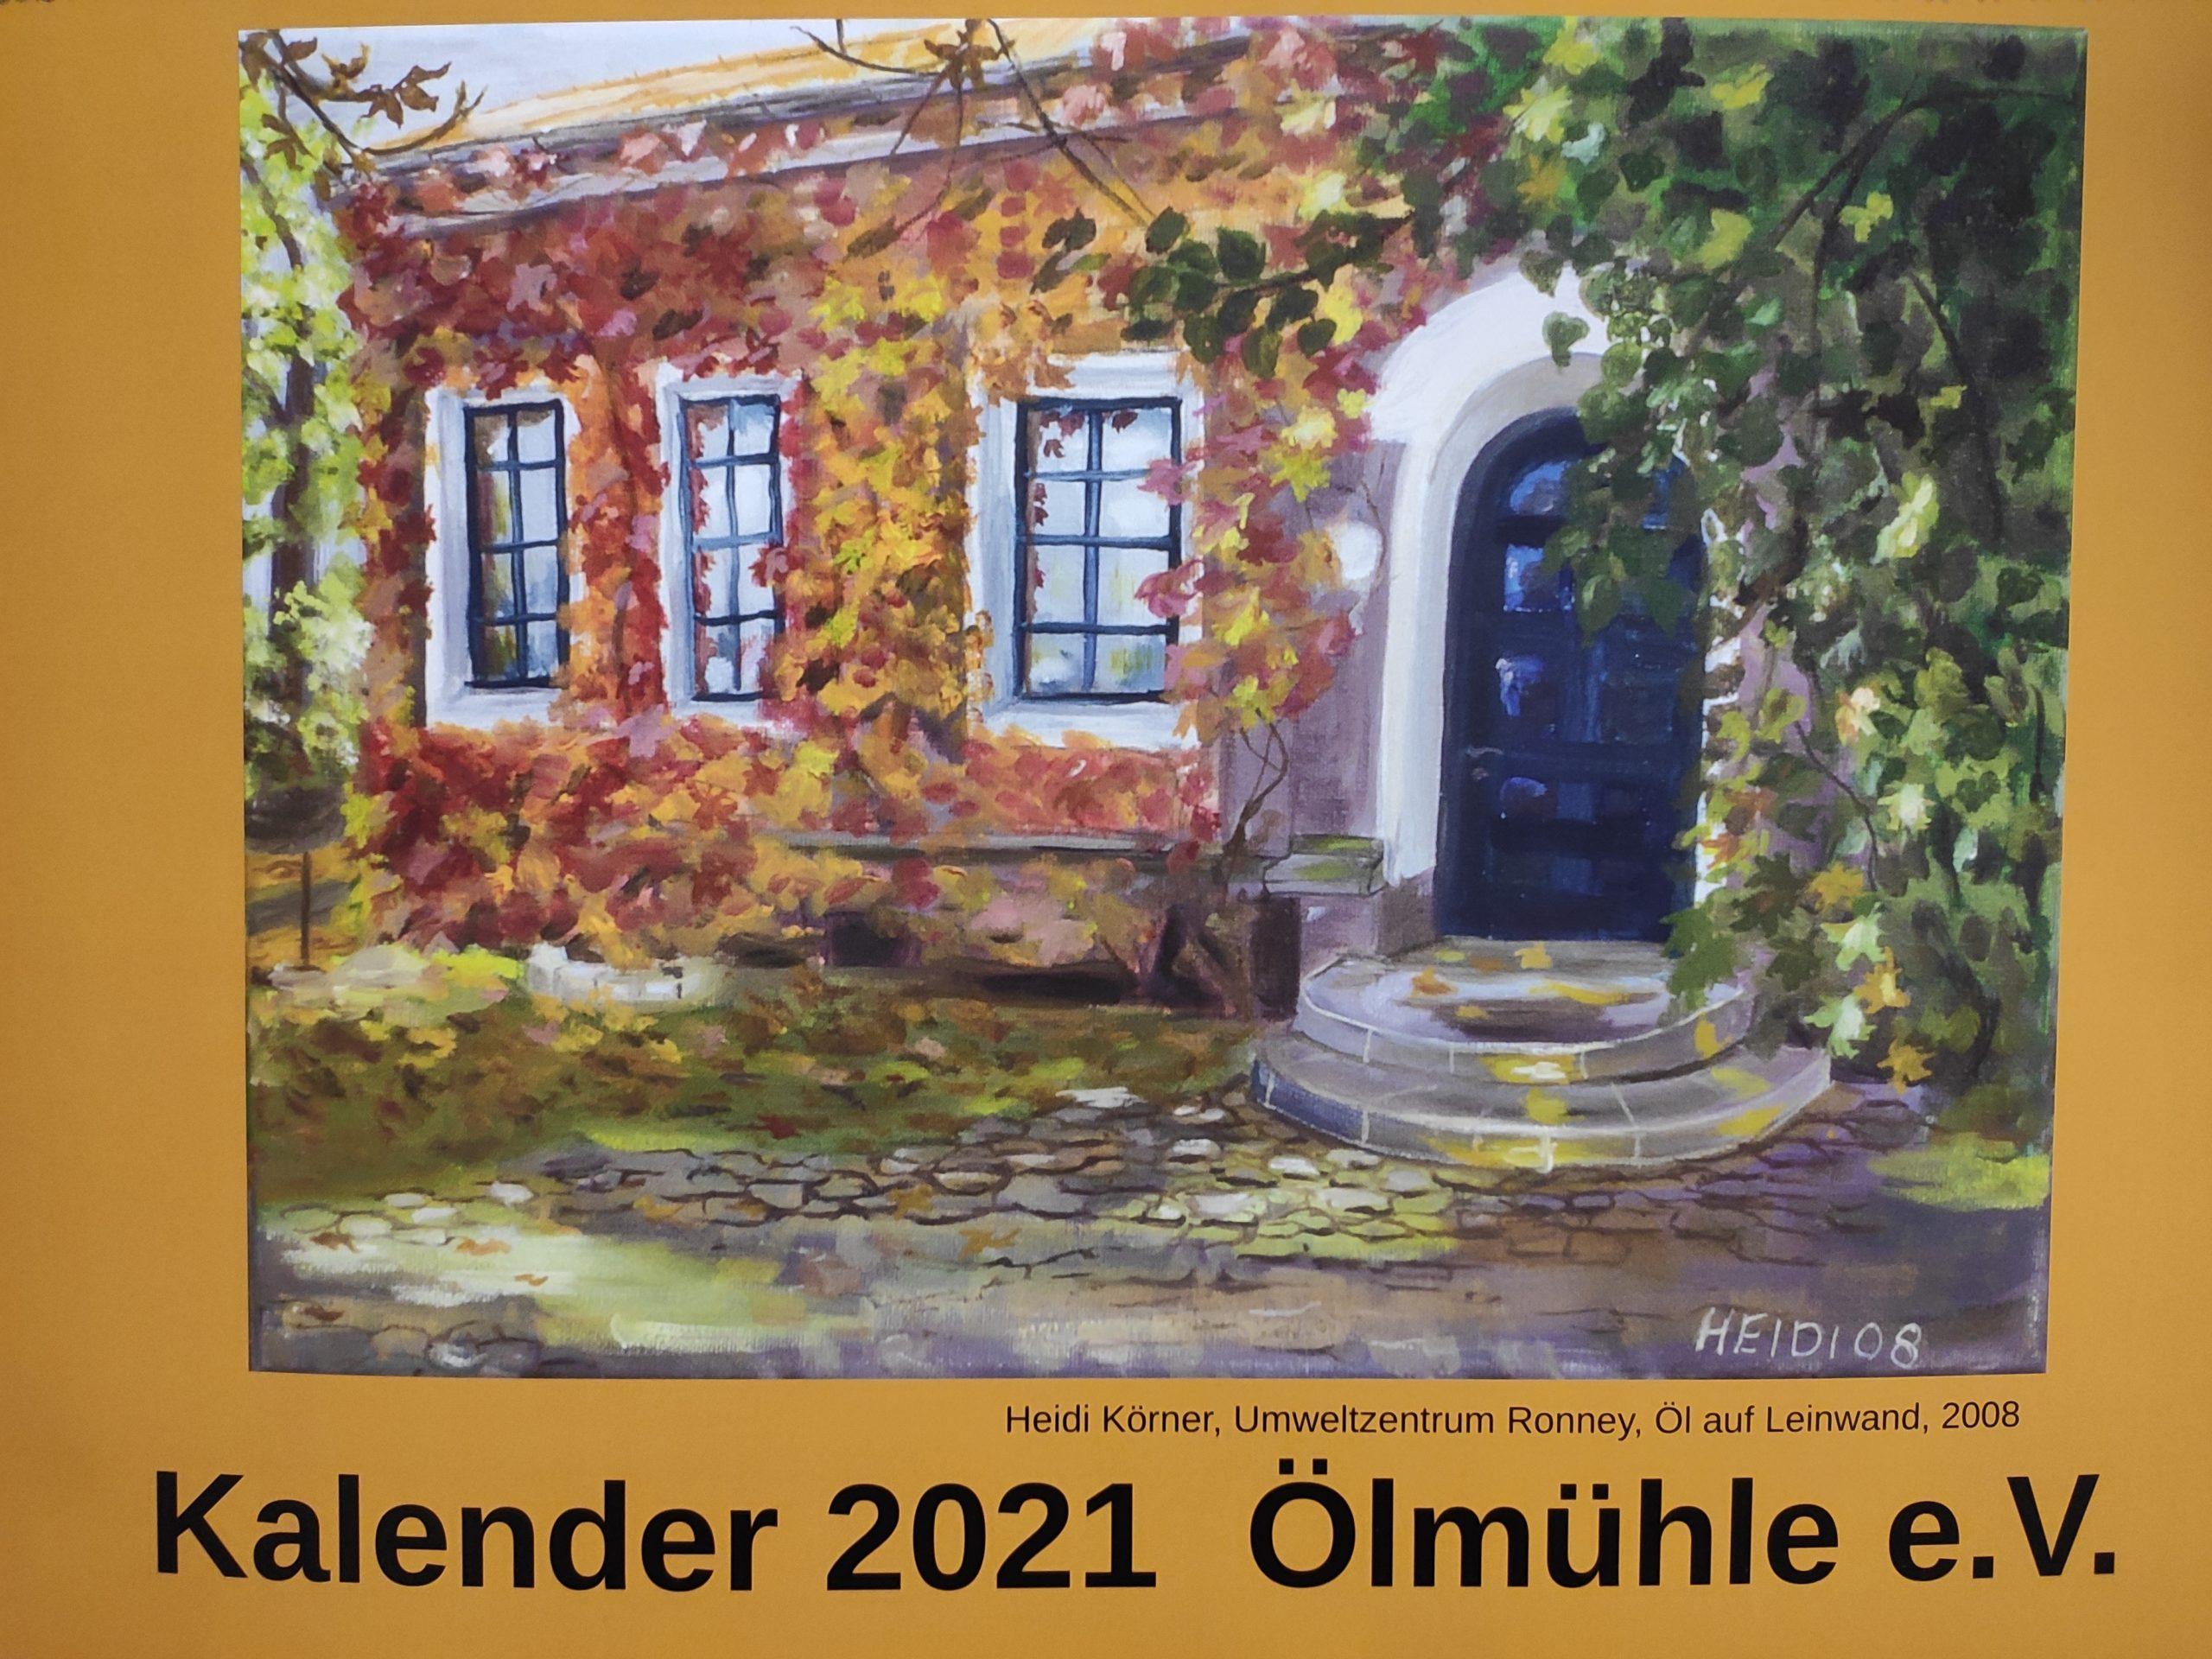 Der Ölmühlen Kalender 2021 ist noch zu haben!